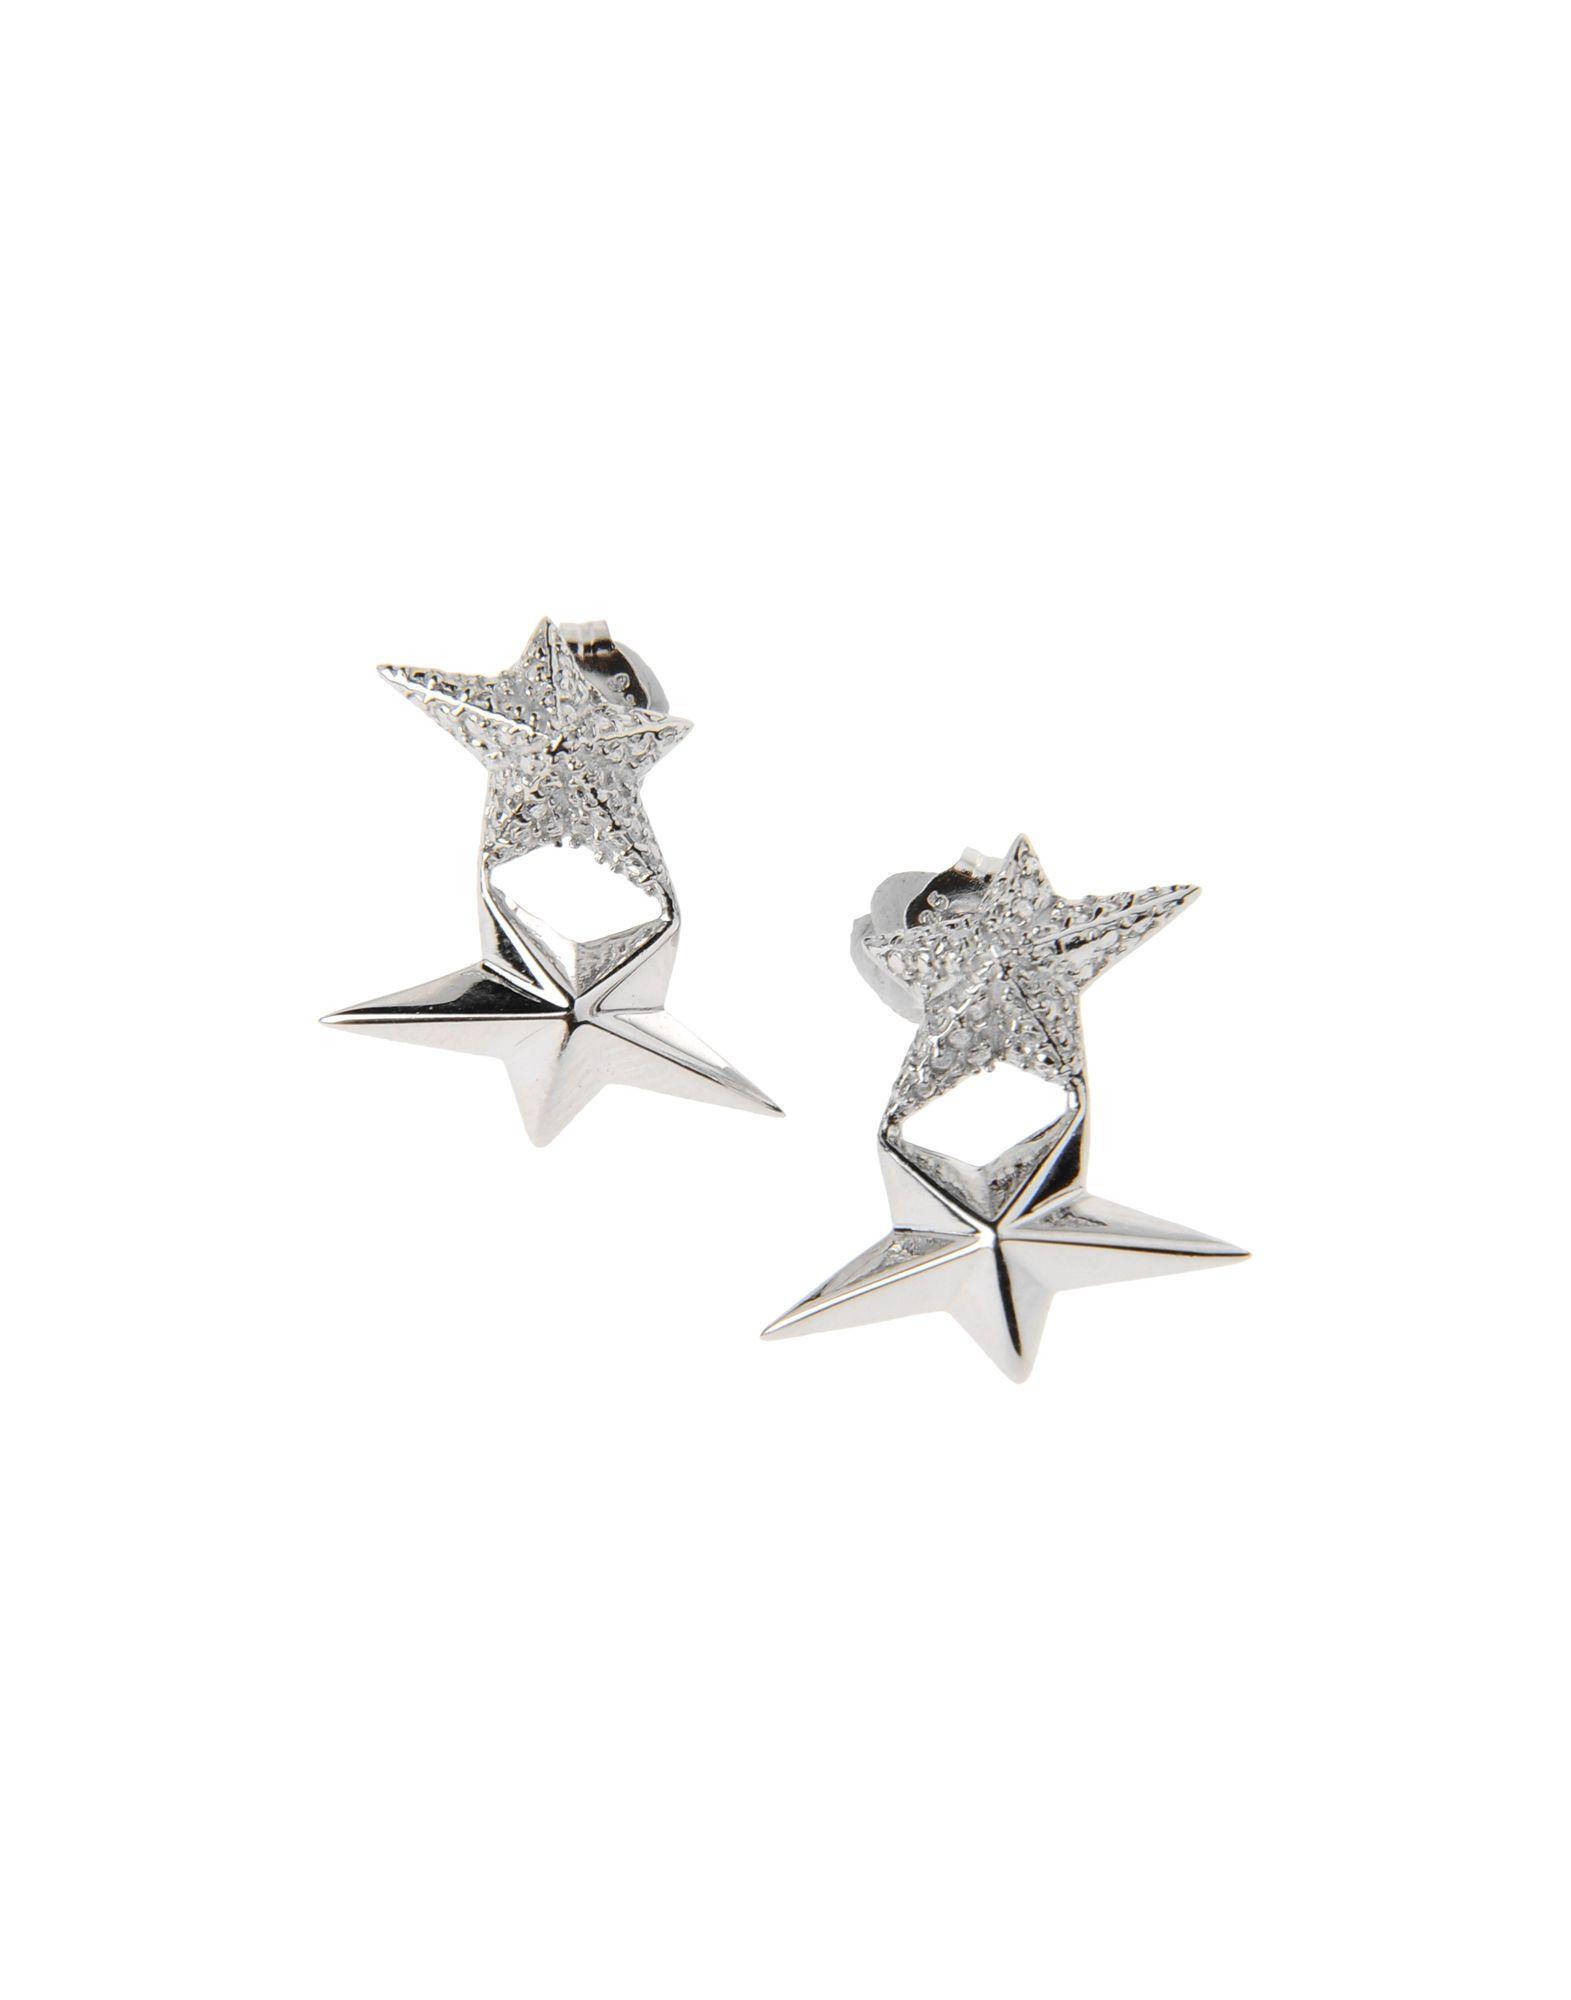 Thierry Mugler Earrings in Silver   Lyst  $91